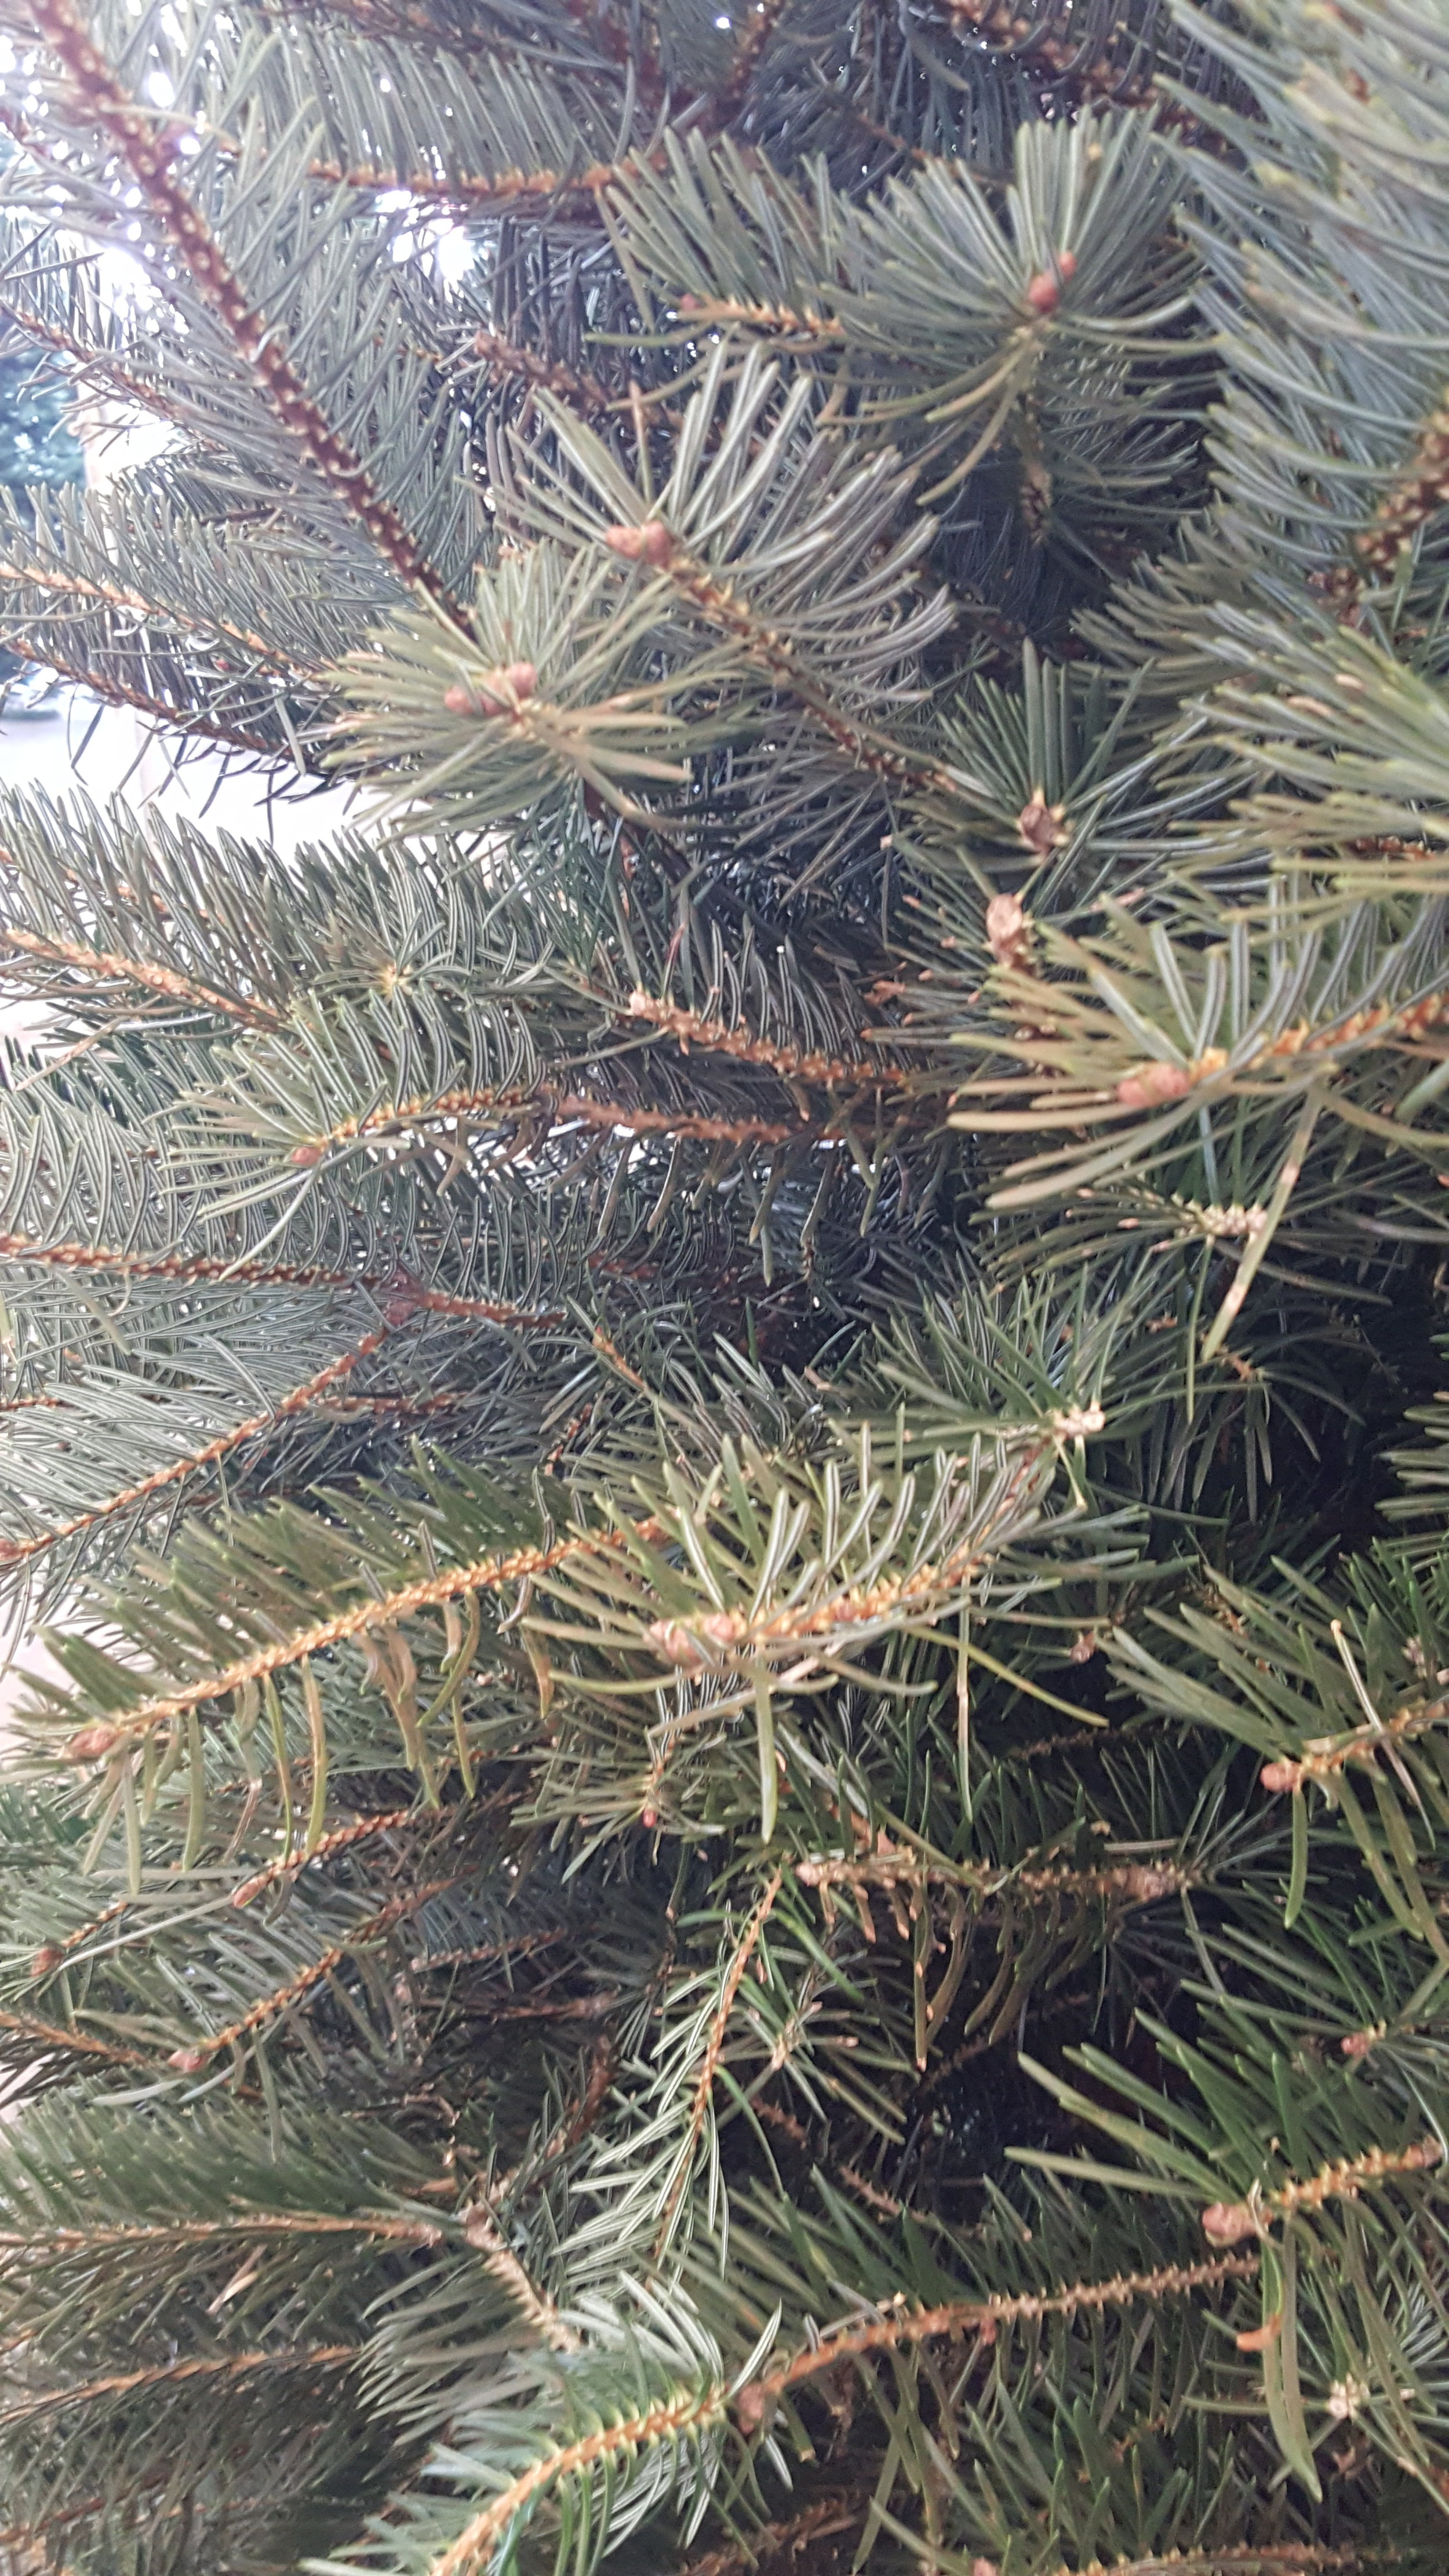 Close-Up Nordman Pine